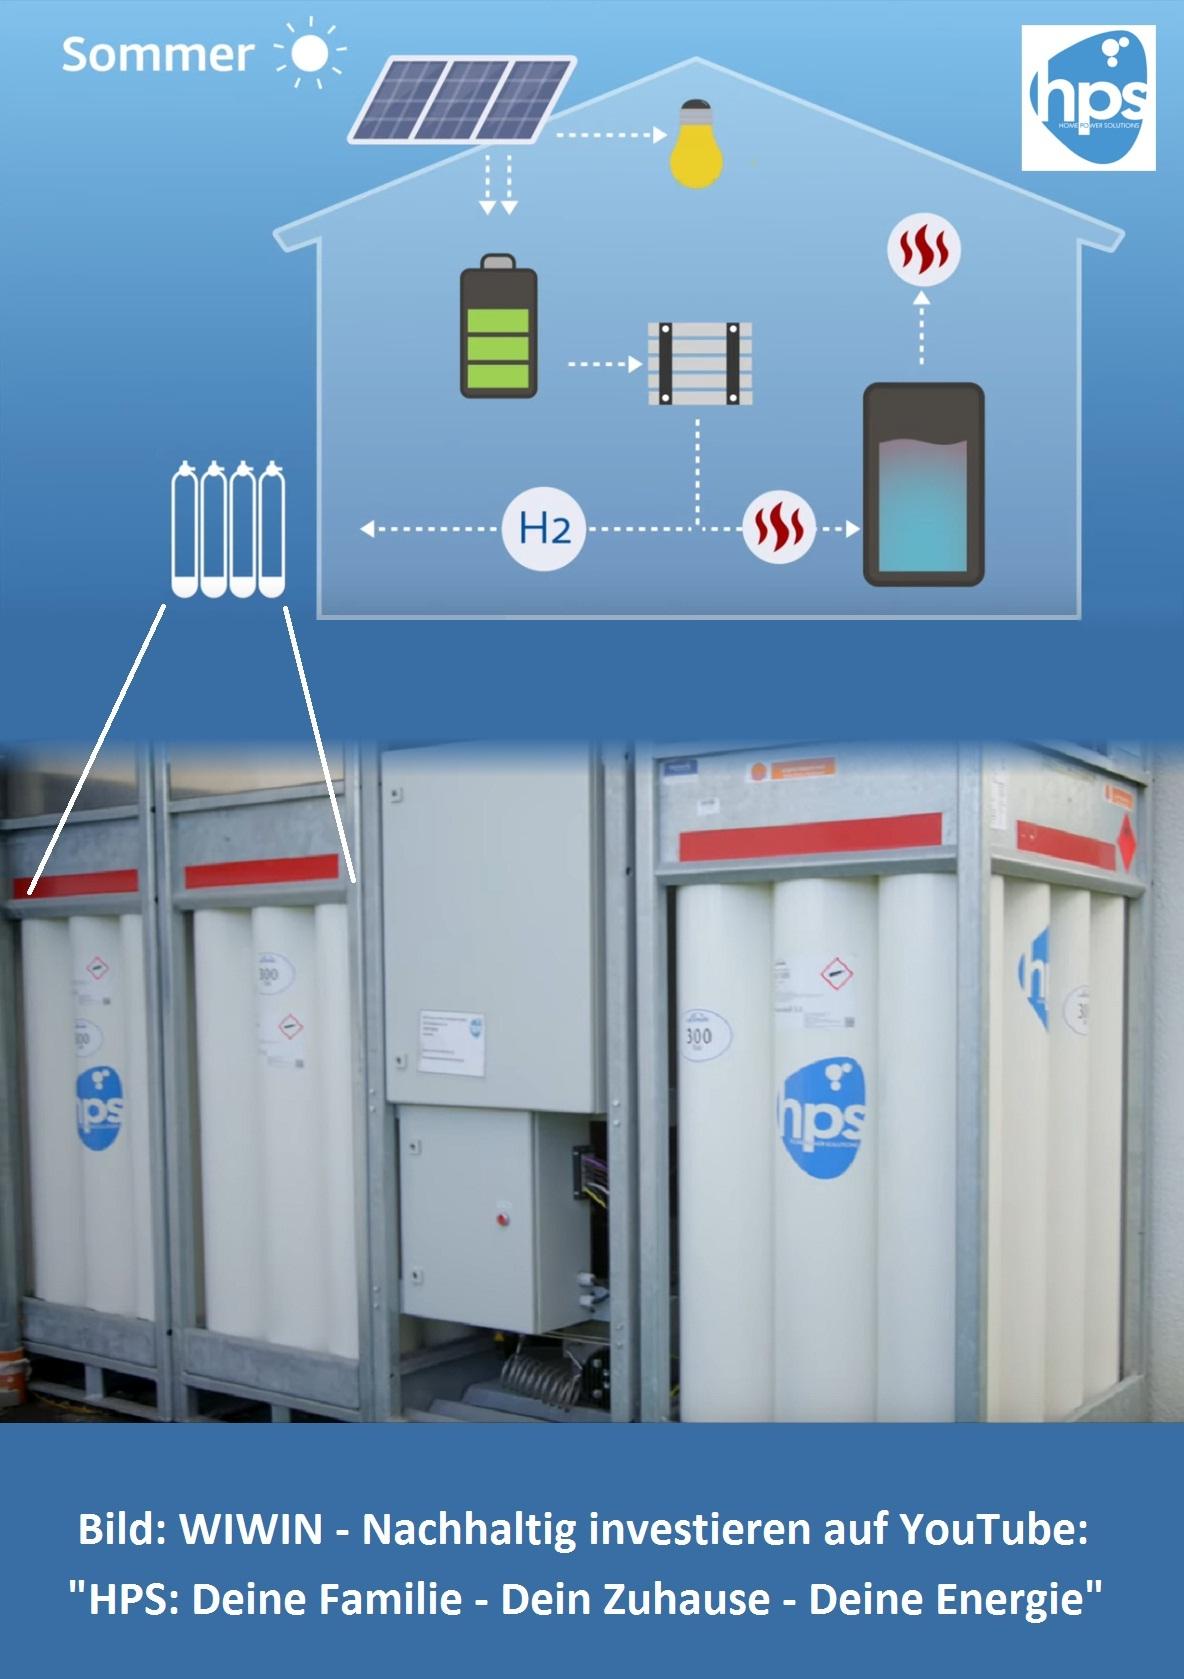 Das HPS-System: Solarstrom wird in Wasserstoff saisonal gespeichert